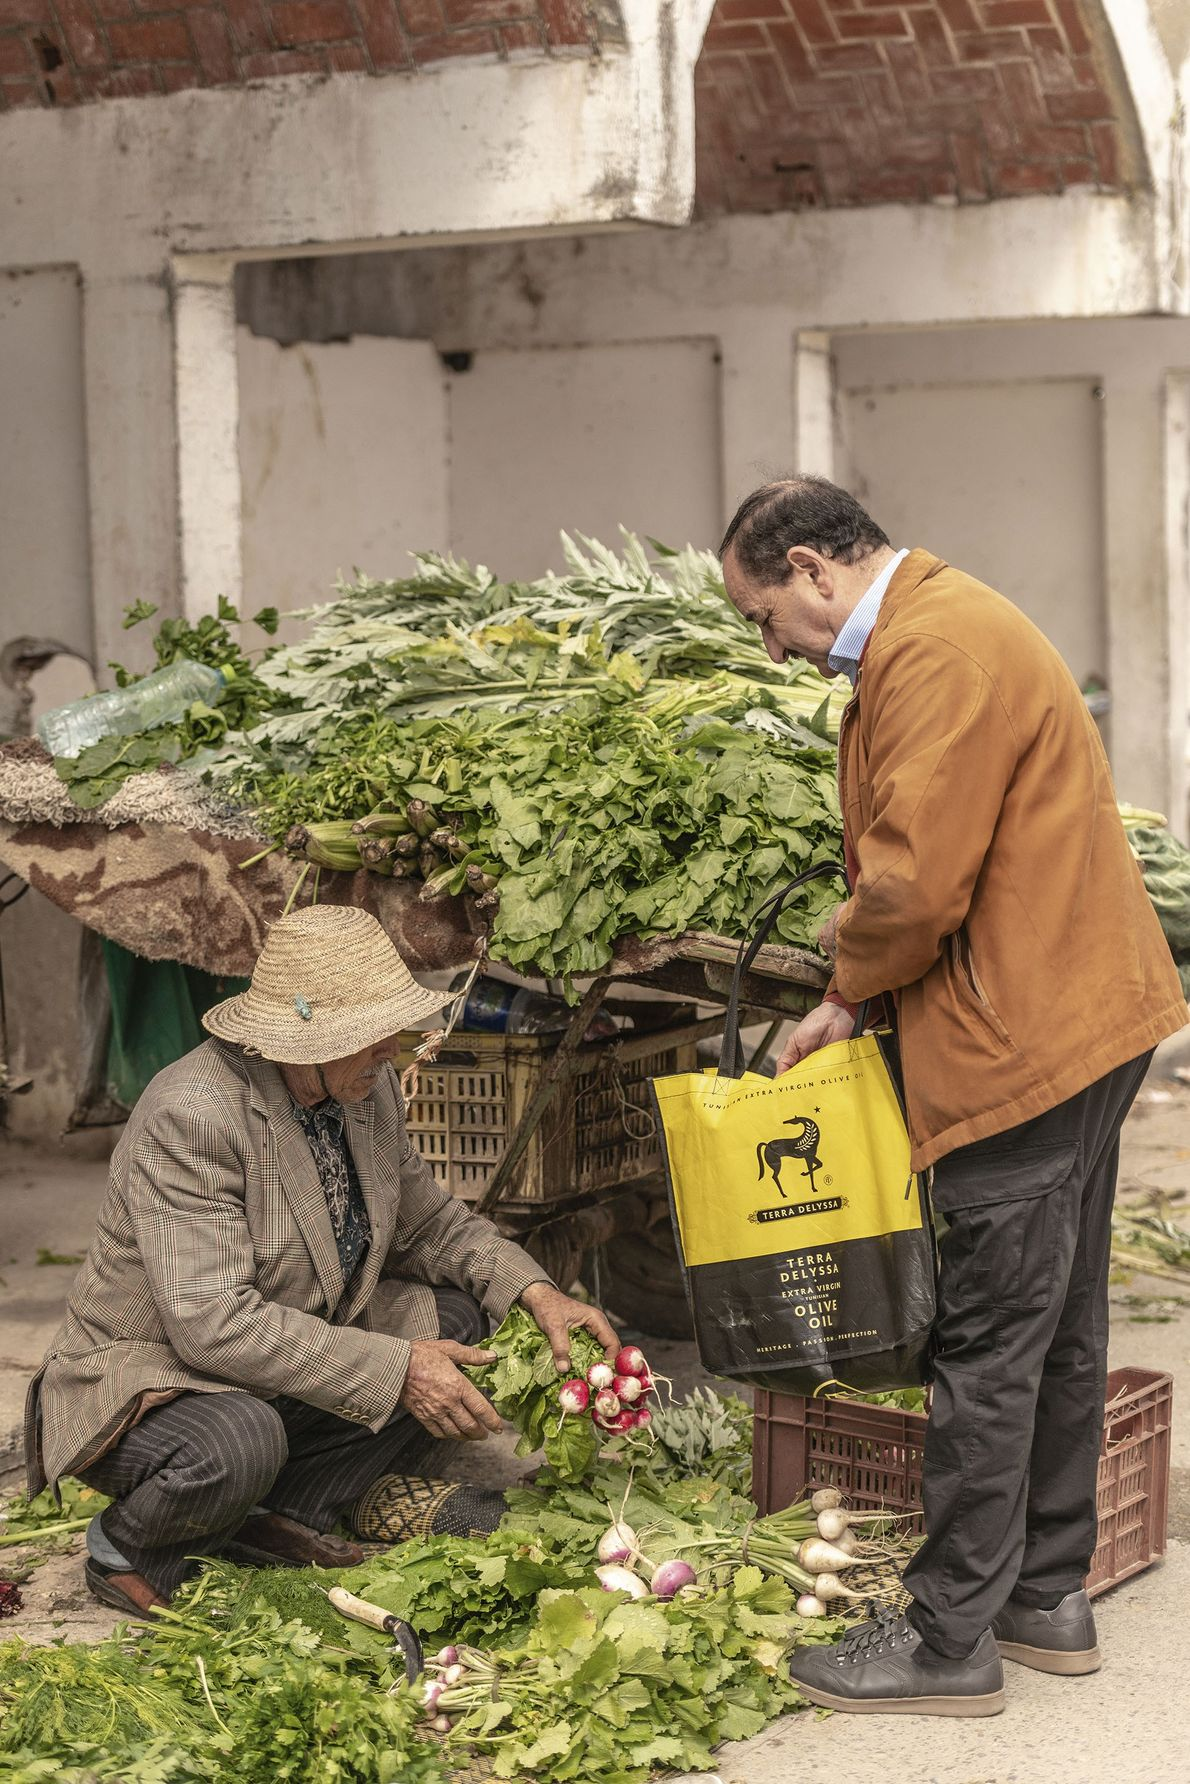 Buying radishes.